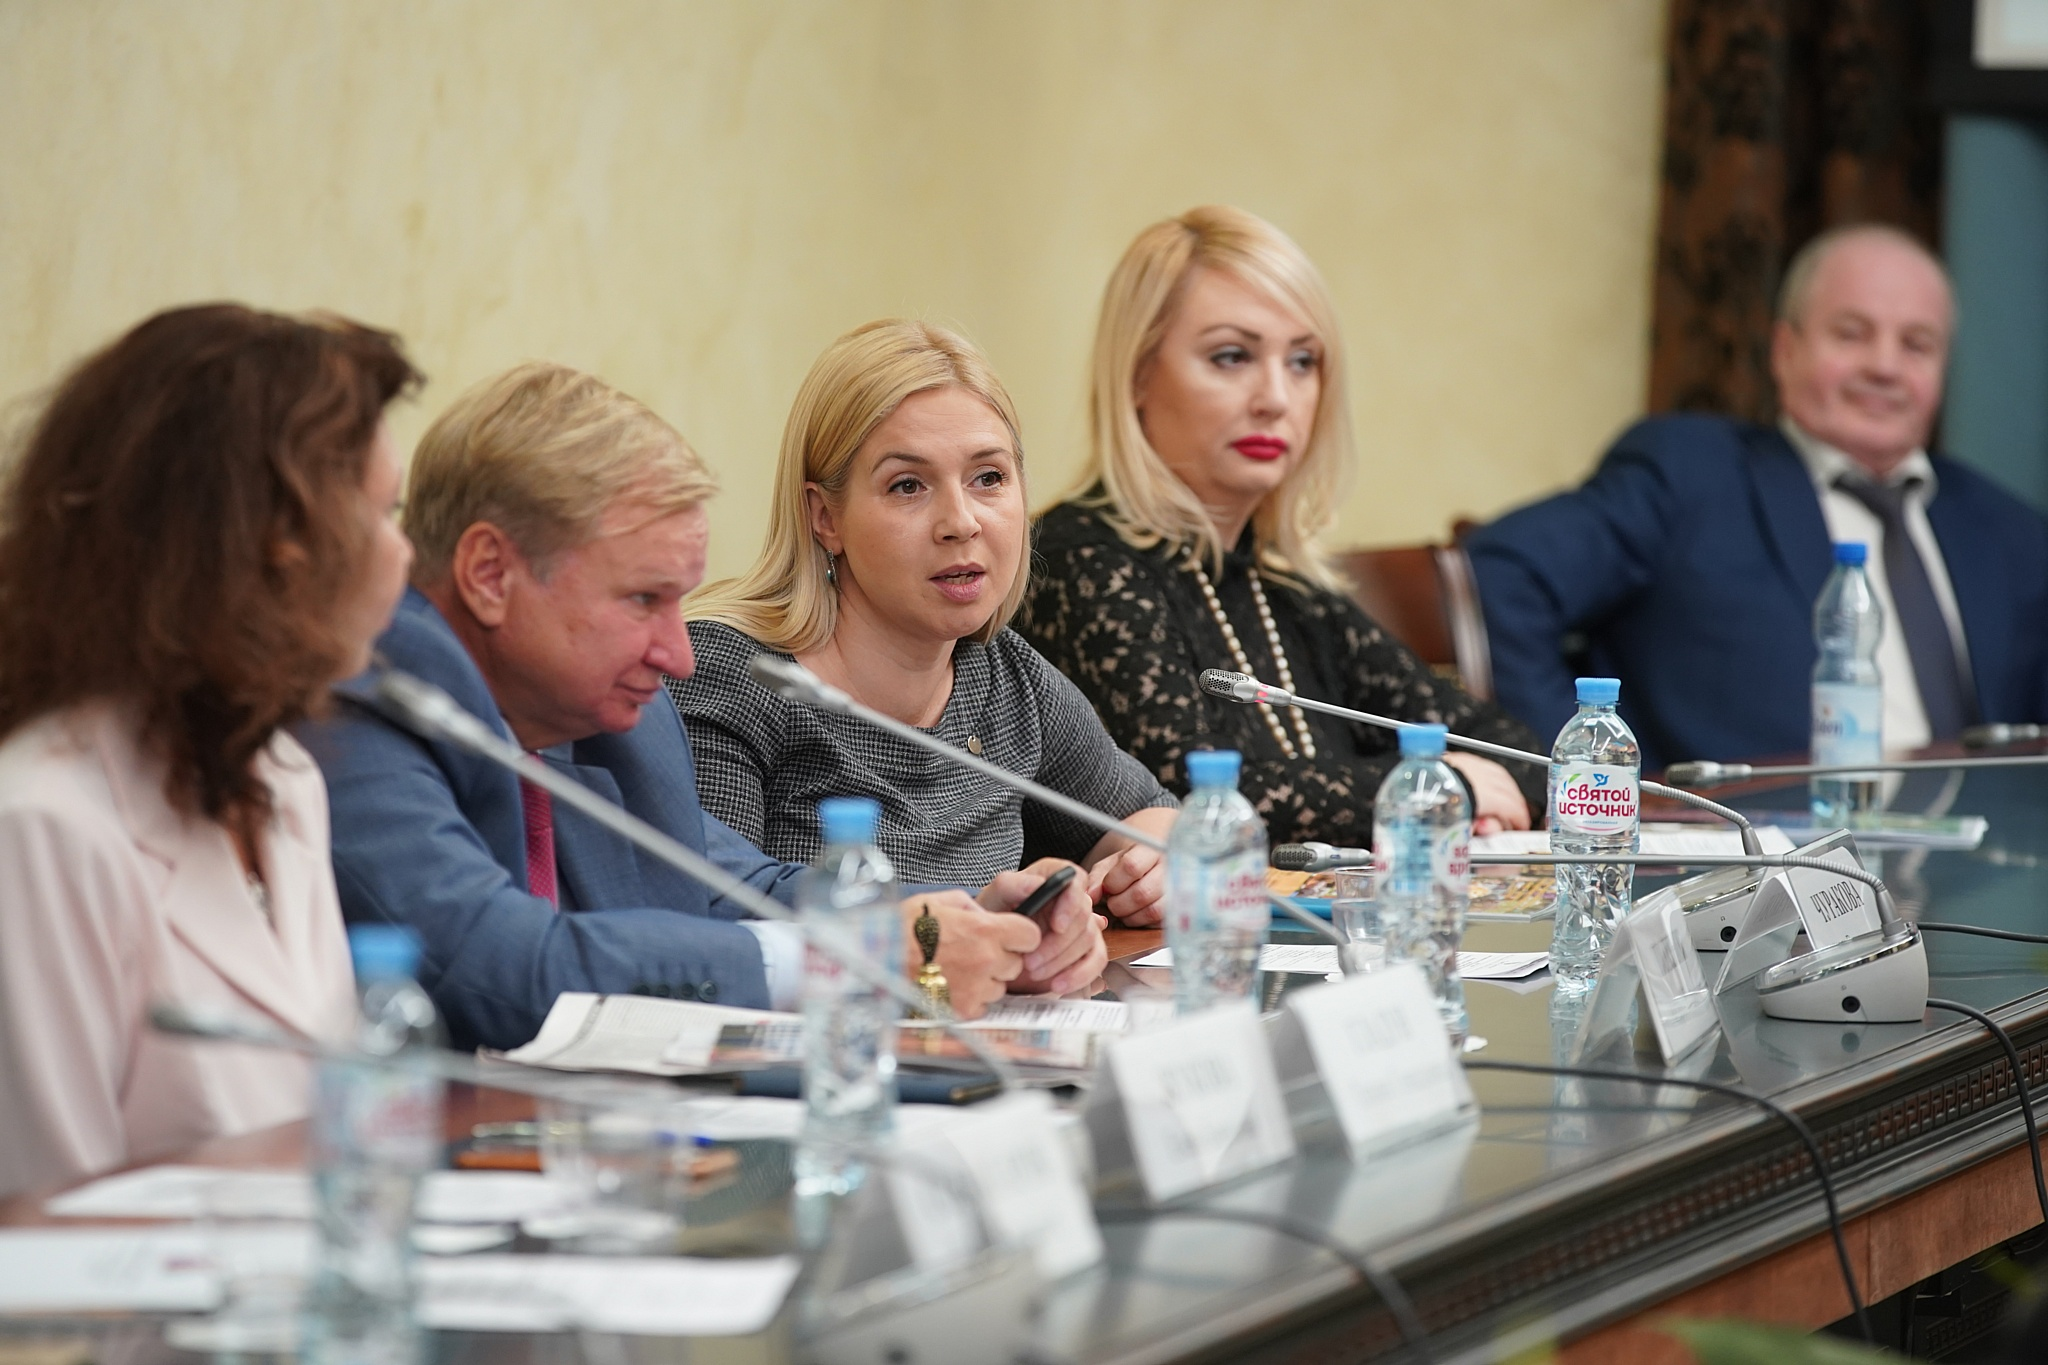 Анна Викторовна Чуракова, Член Общественной палаты РФ, член Комиссии Общественной палаты РФ по развитию экономики, предпринимательства, сферы услуг и потребительского рынка.